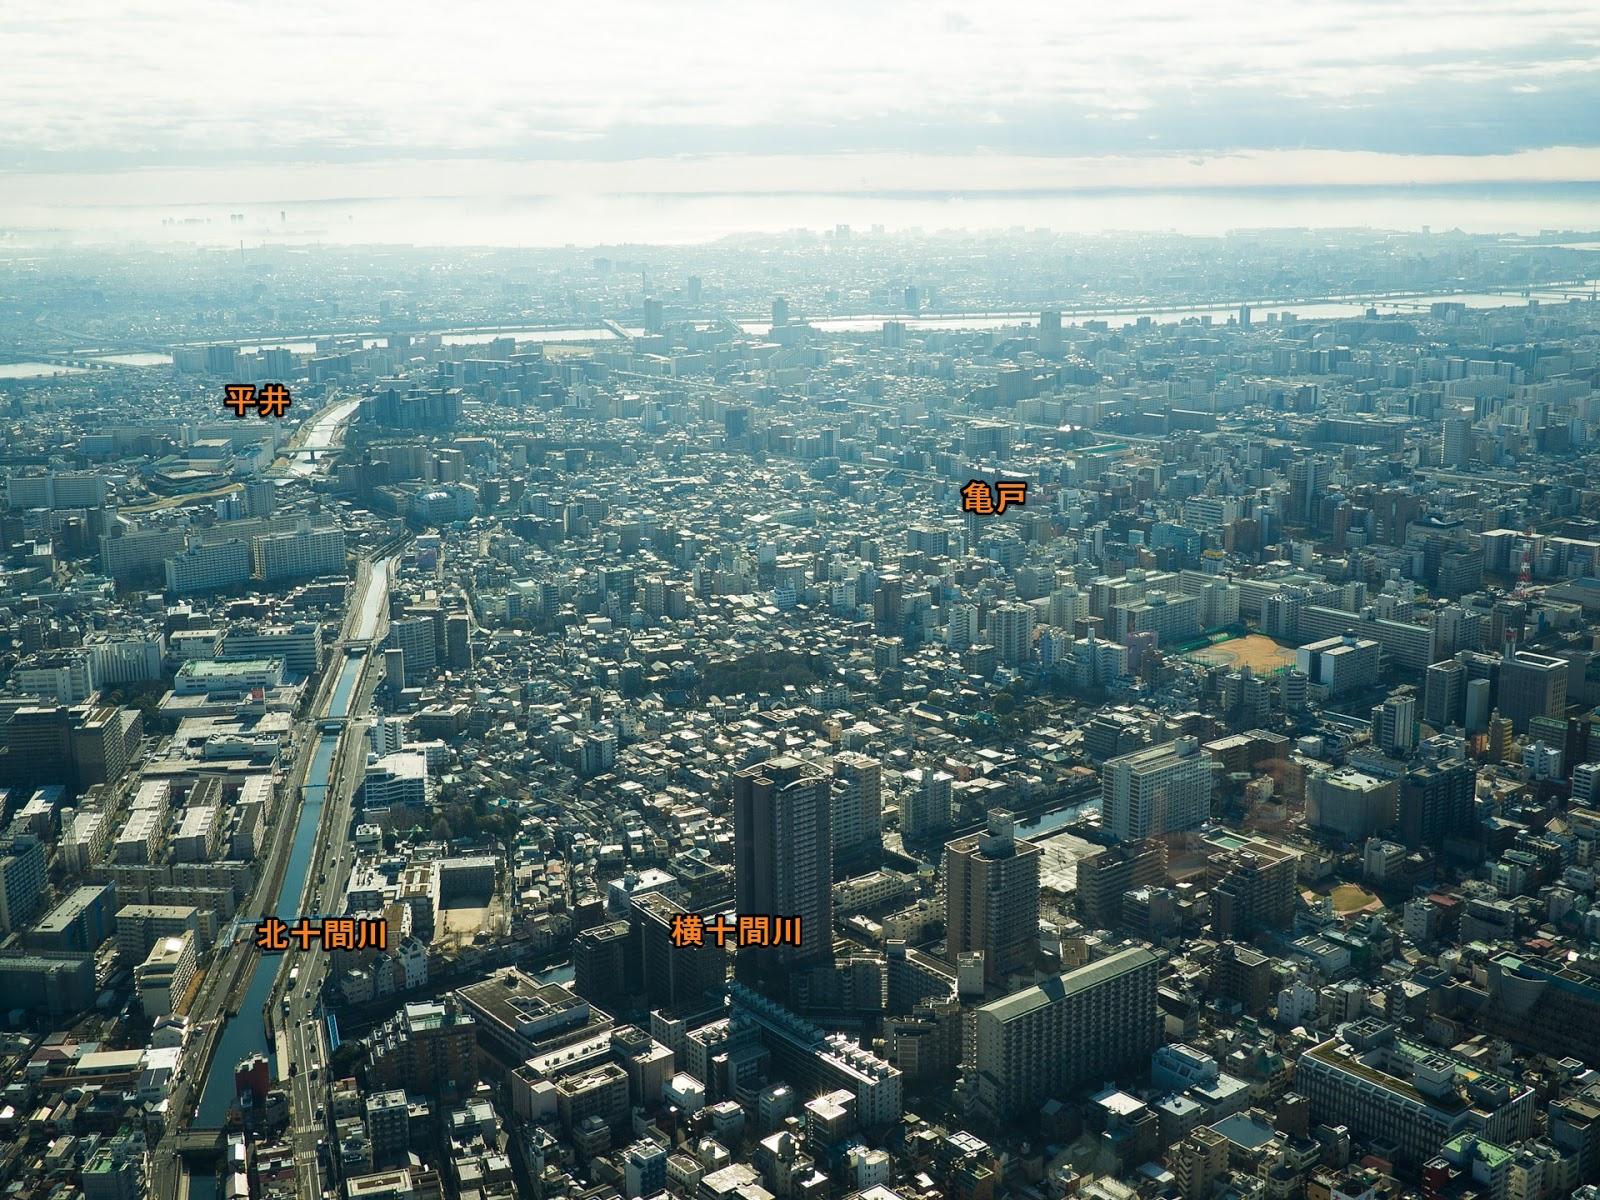 東京スカイツリー展望デッキから、東南東方面(亀戸方面)の風景